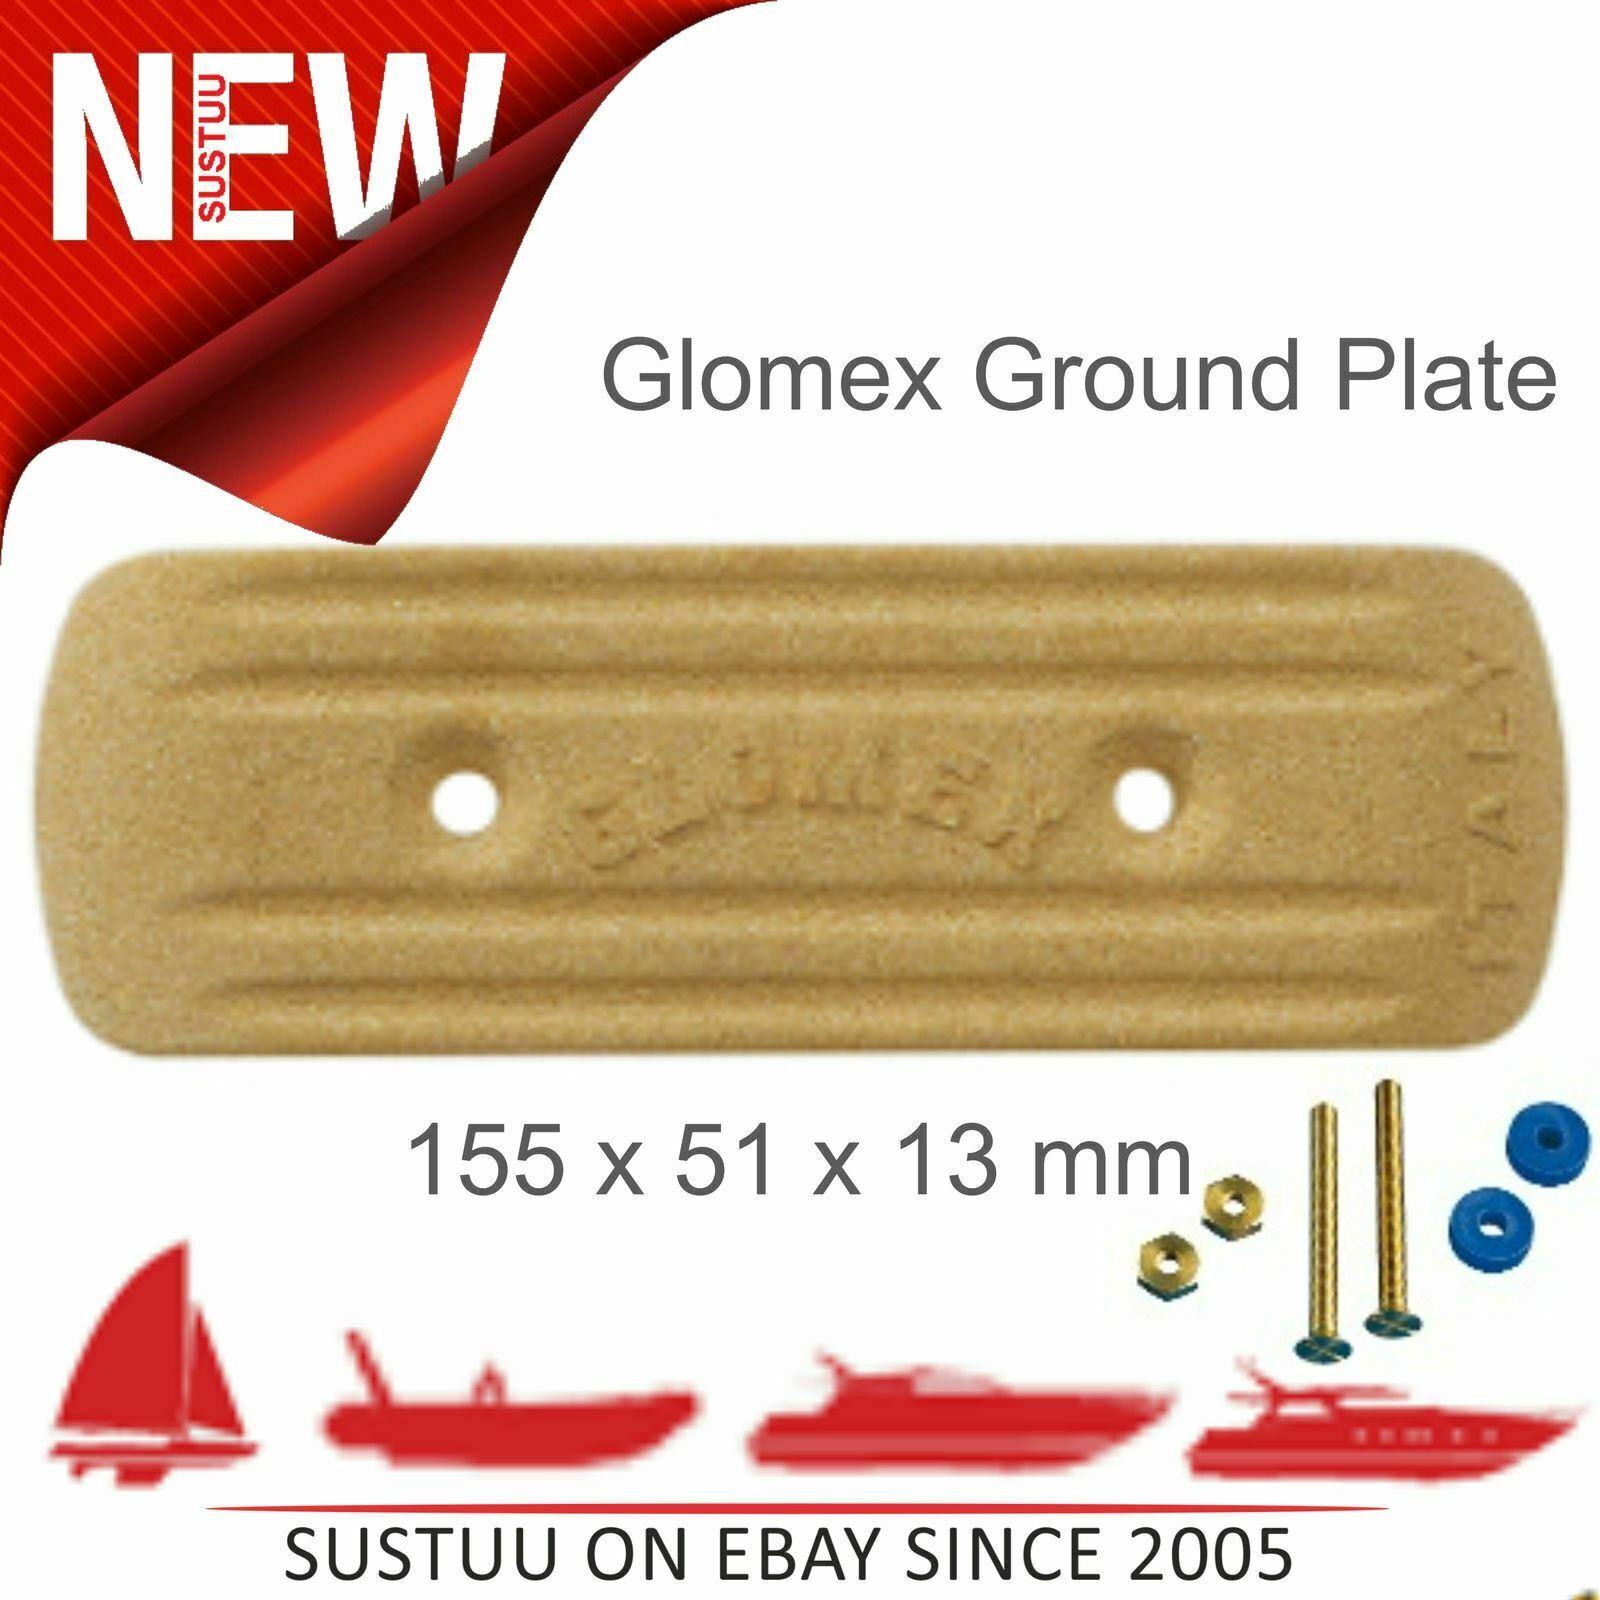 Glomex RA203 Rechteckig Boden Platte │ 155x51x13 mm │ für Gerippt   Segel